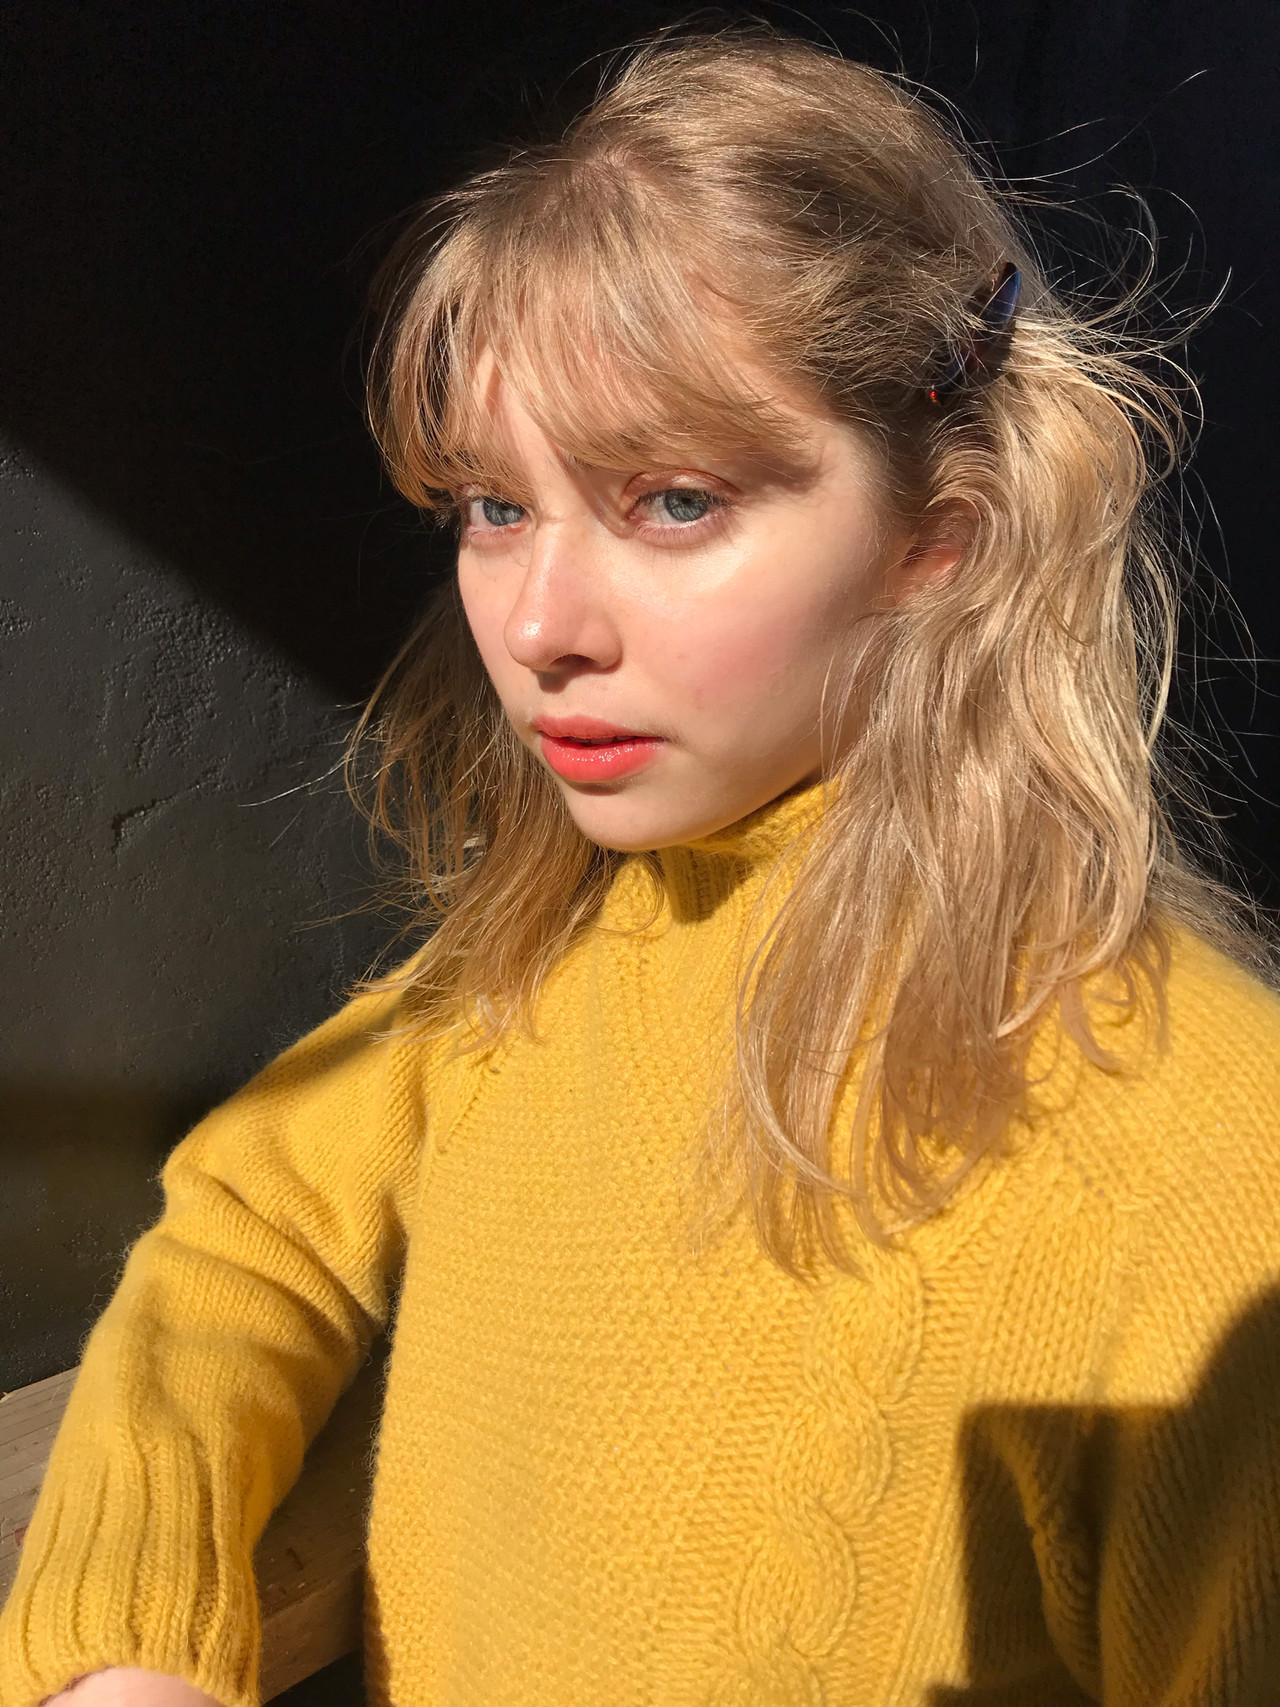 セミロング 抜け感 ハイトーン ハイライト ヘアスタイルや髪型の写真・画像